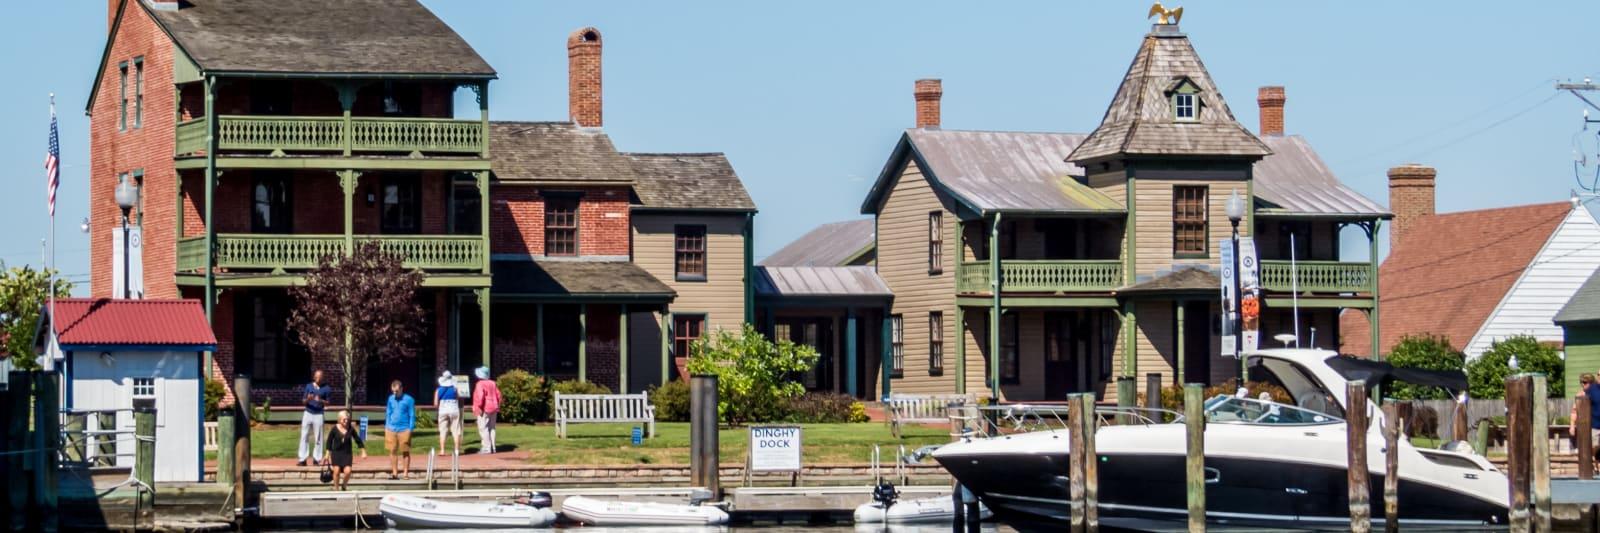 Dodson-EagleHouse-CBMM-StMichaels-SusanHale.jpg